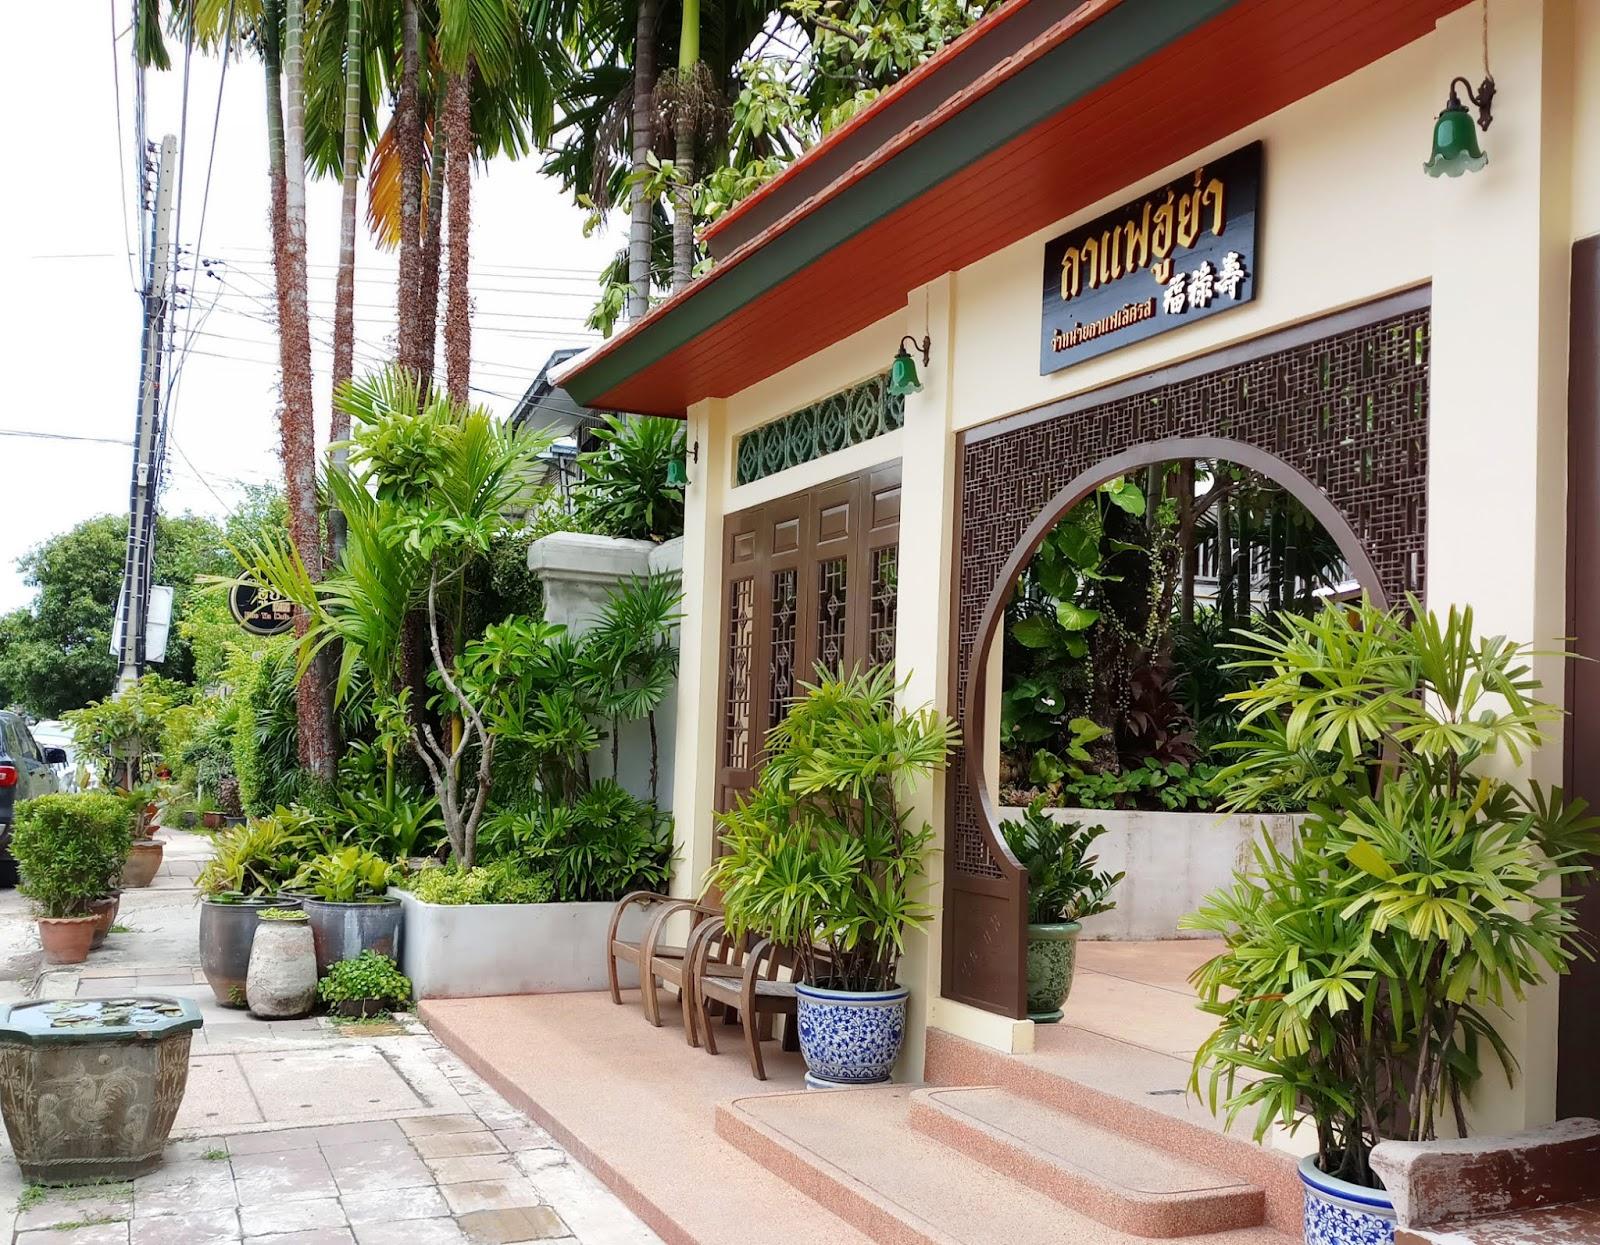 """ฮูย่า"""" ร้านกาแฟสไตล์พิพิธภัณฑ์ ที่เคียงคู่กับเมืองโคราช - PAILONGDOO"""